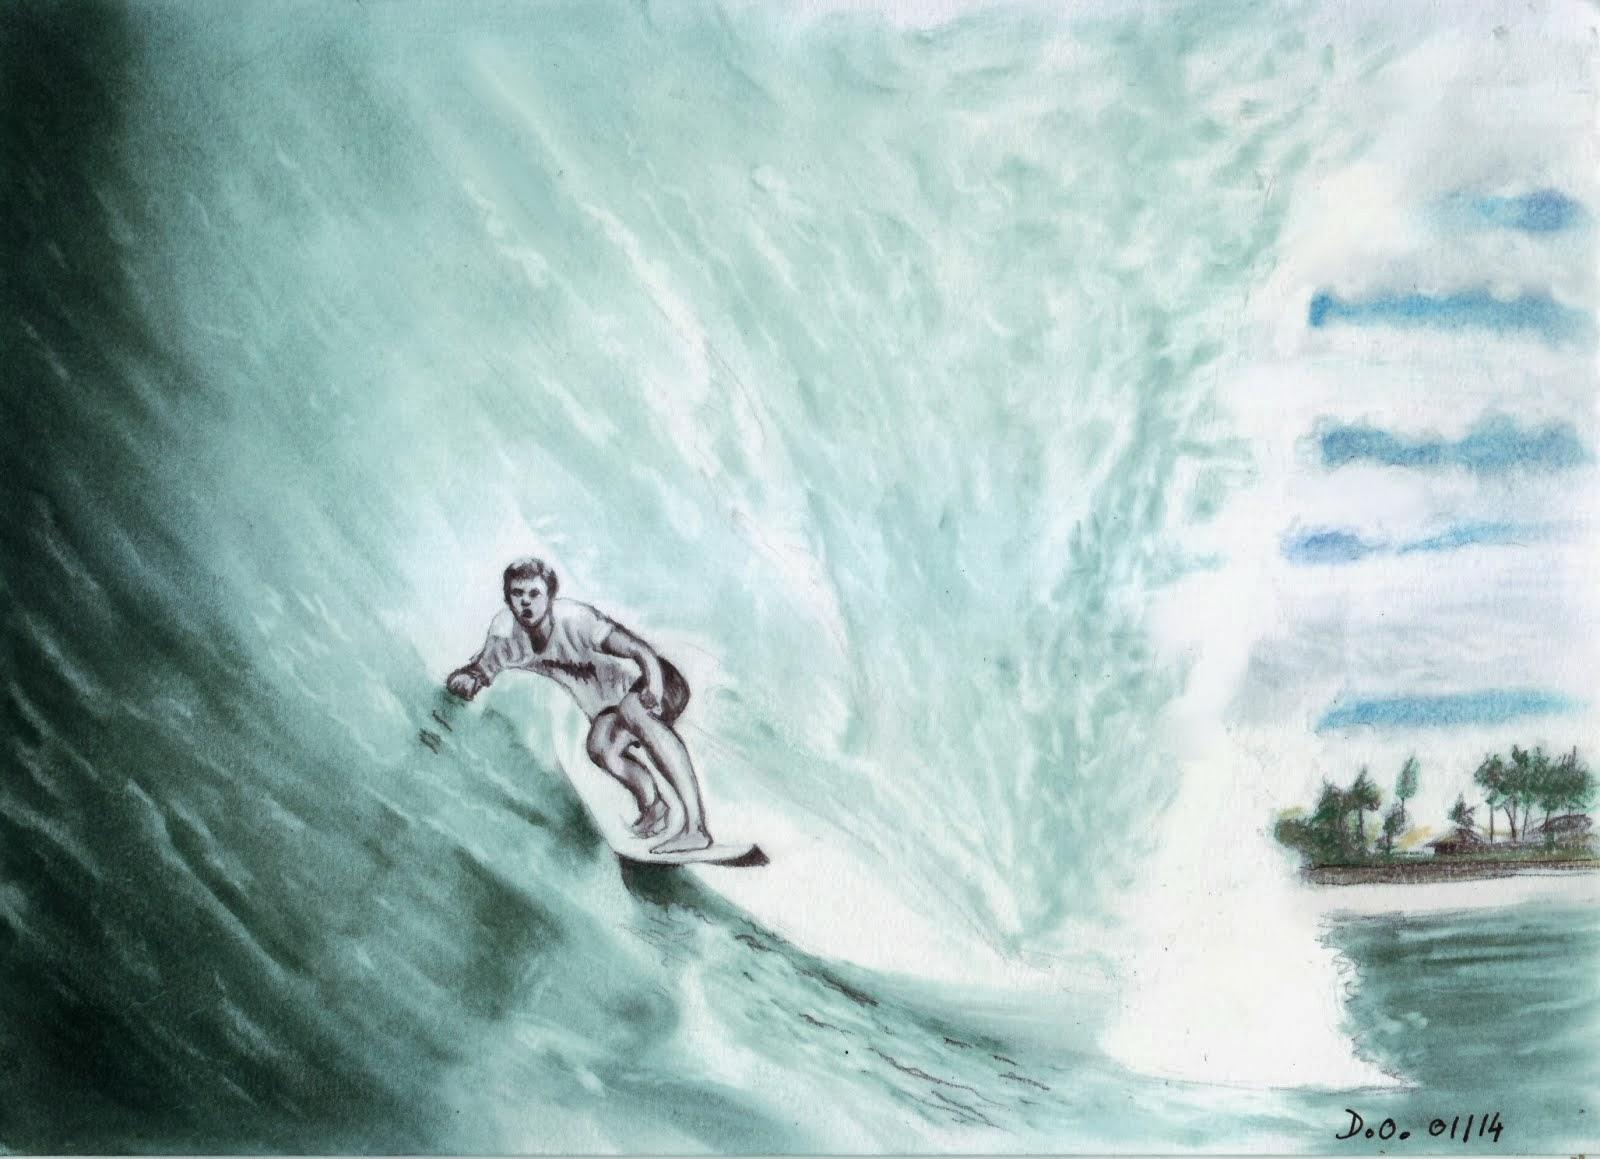 La vague  d' Hawaii 2014